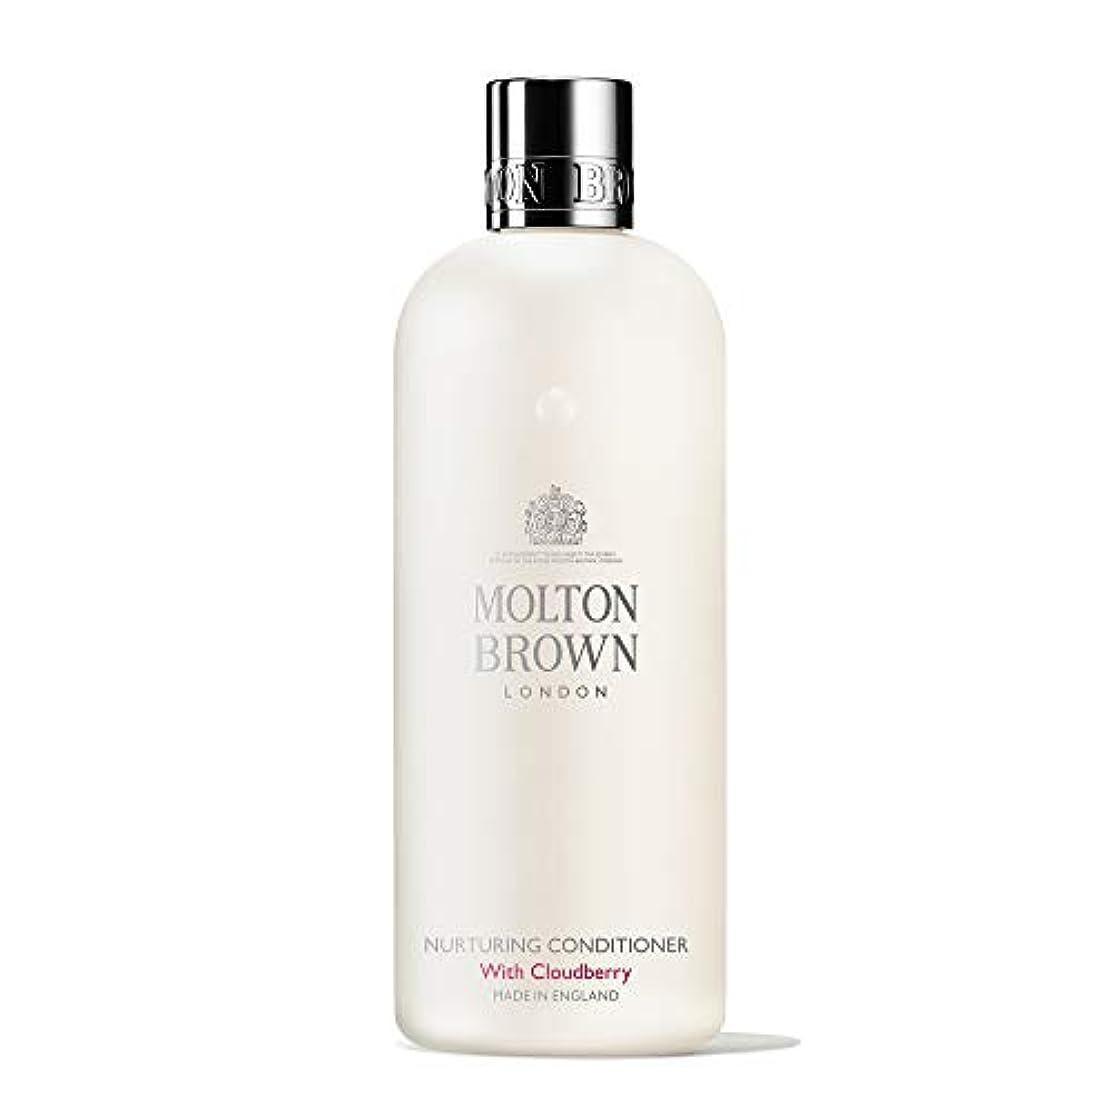 吹雪子供時代迅速MOLTON BROWN(モルトンブラウン) クラウドベリー コレクション CB コンディショナー